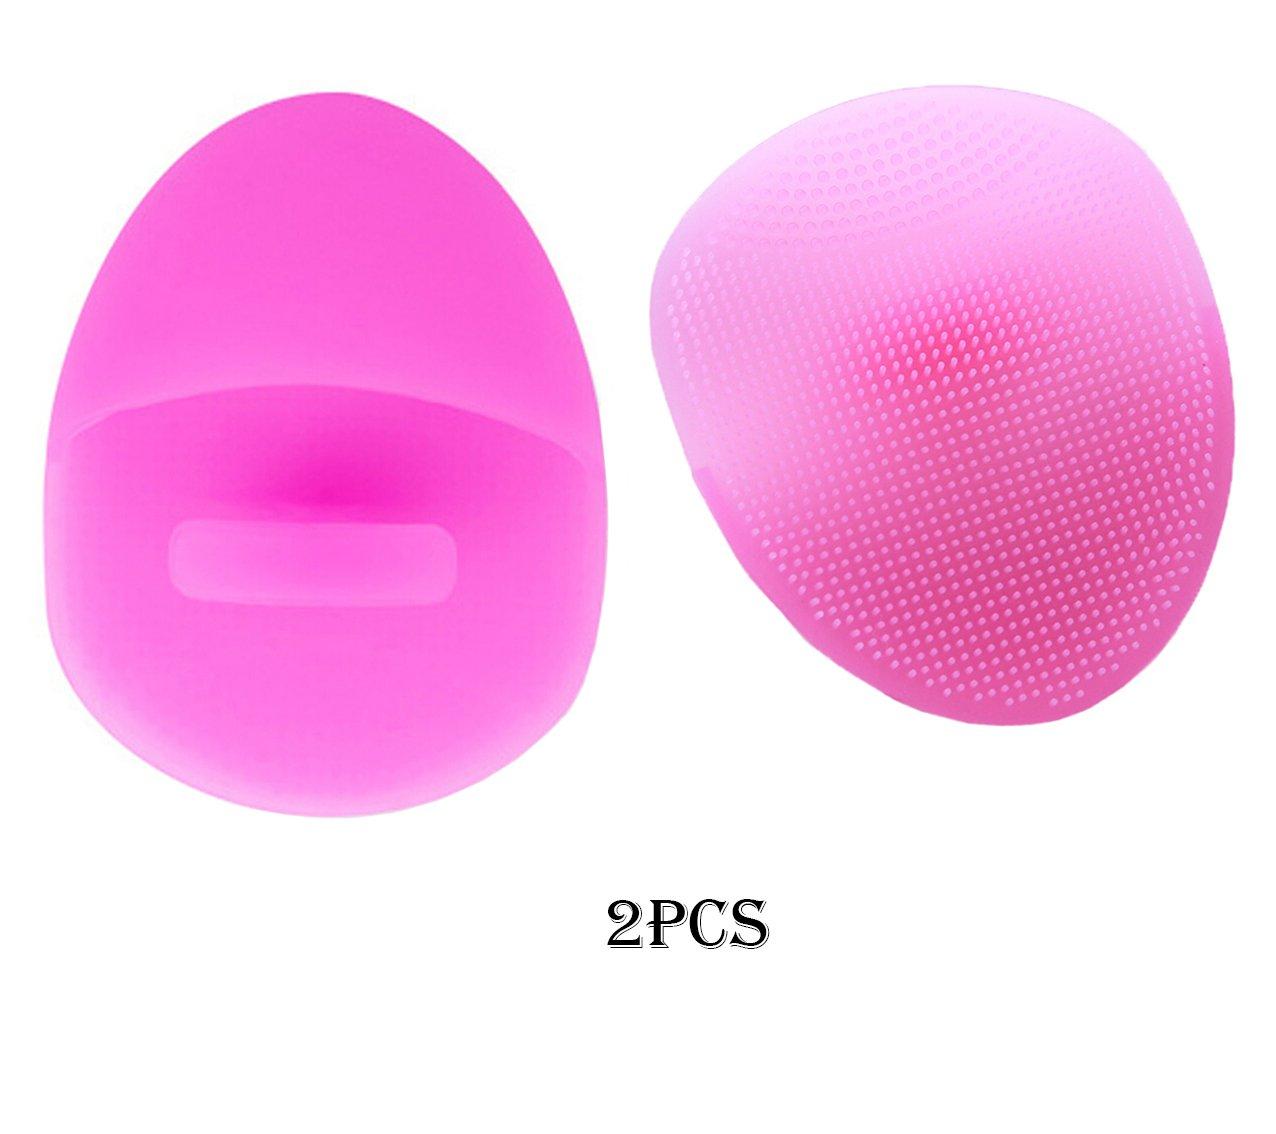 (2PCS) Spazzola di lavaggio palmare manuale della spazzola di pulizia del viso della spazzola di   pulizia del fronte e del massaggiatore del silicone eccellente molle per sensibile   Delicato   Pelle   secca (Red) JT